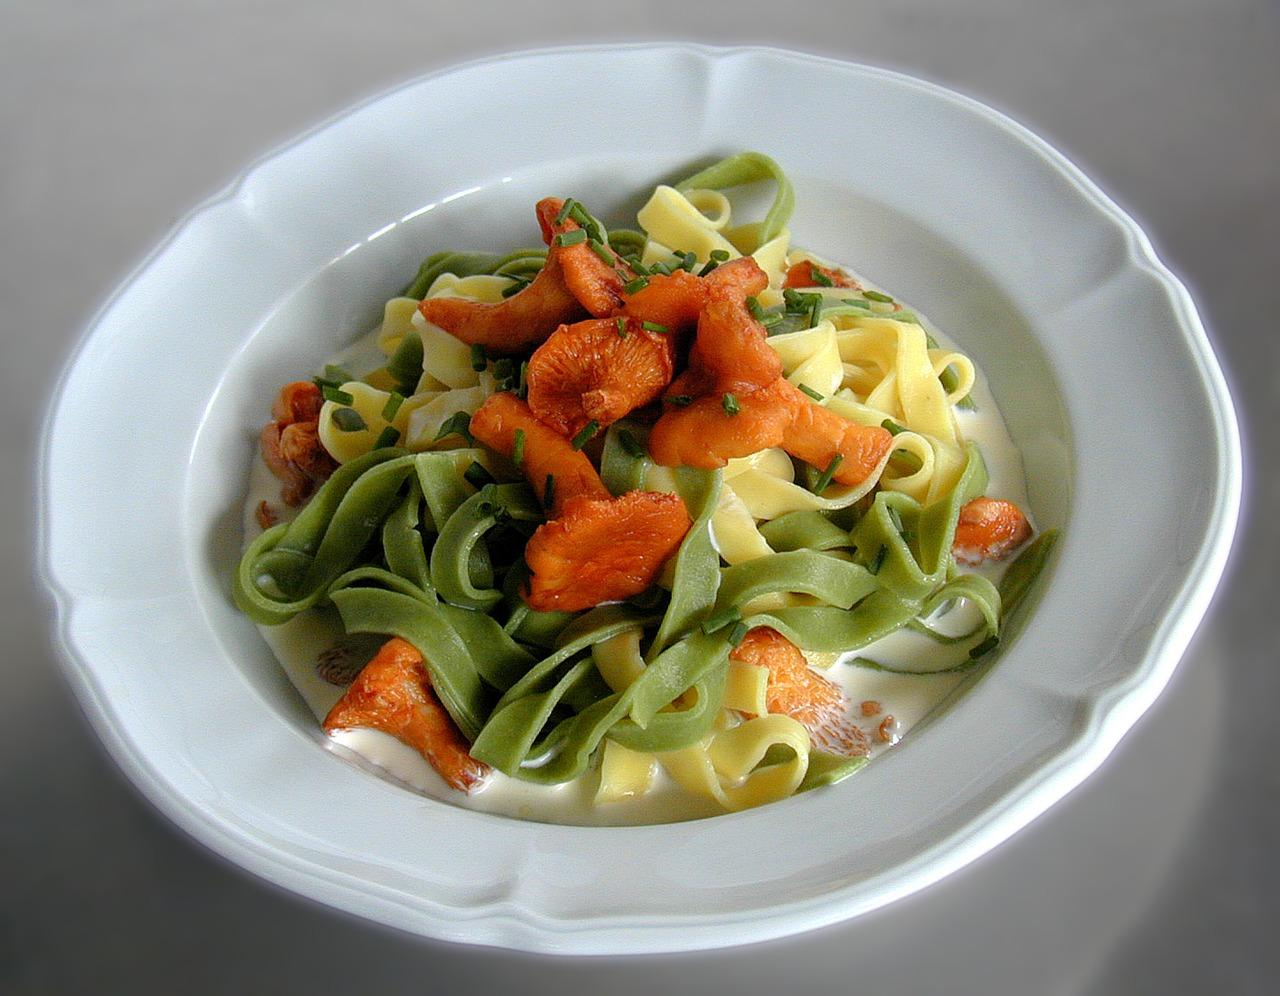 chanterelle noodle dish